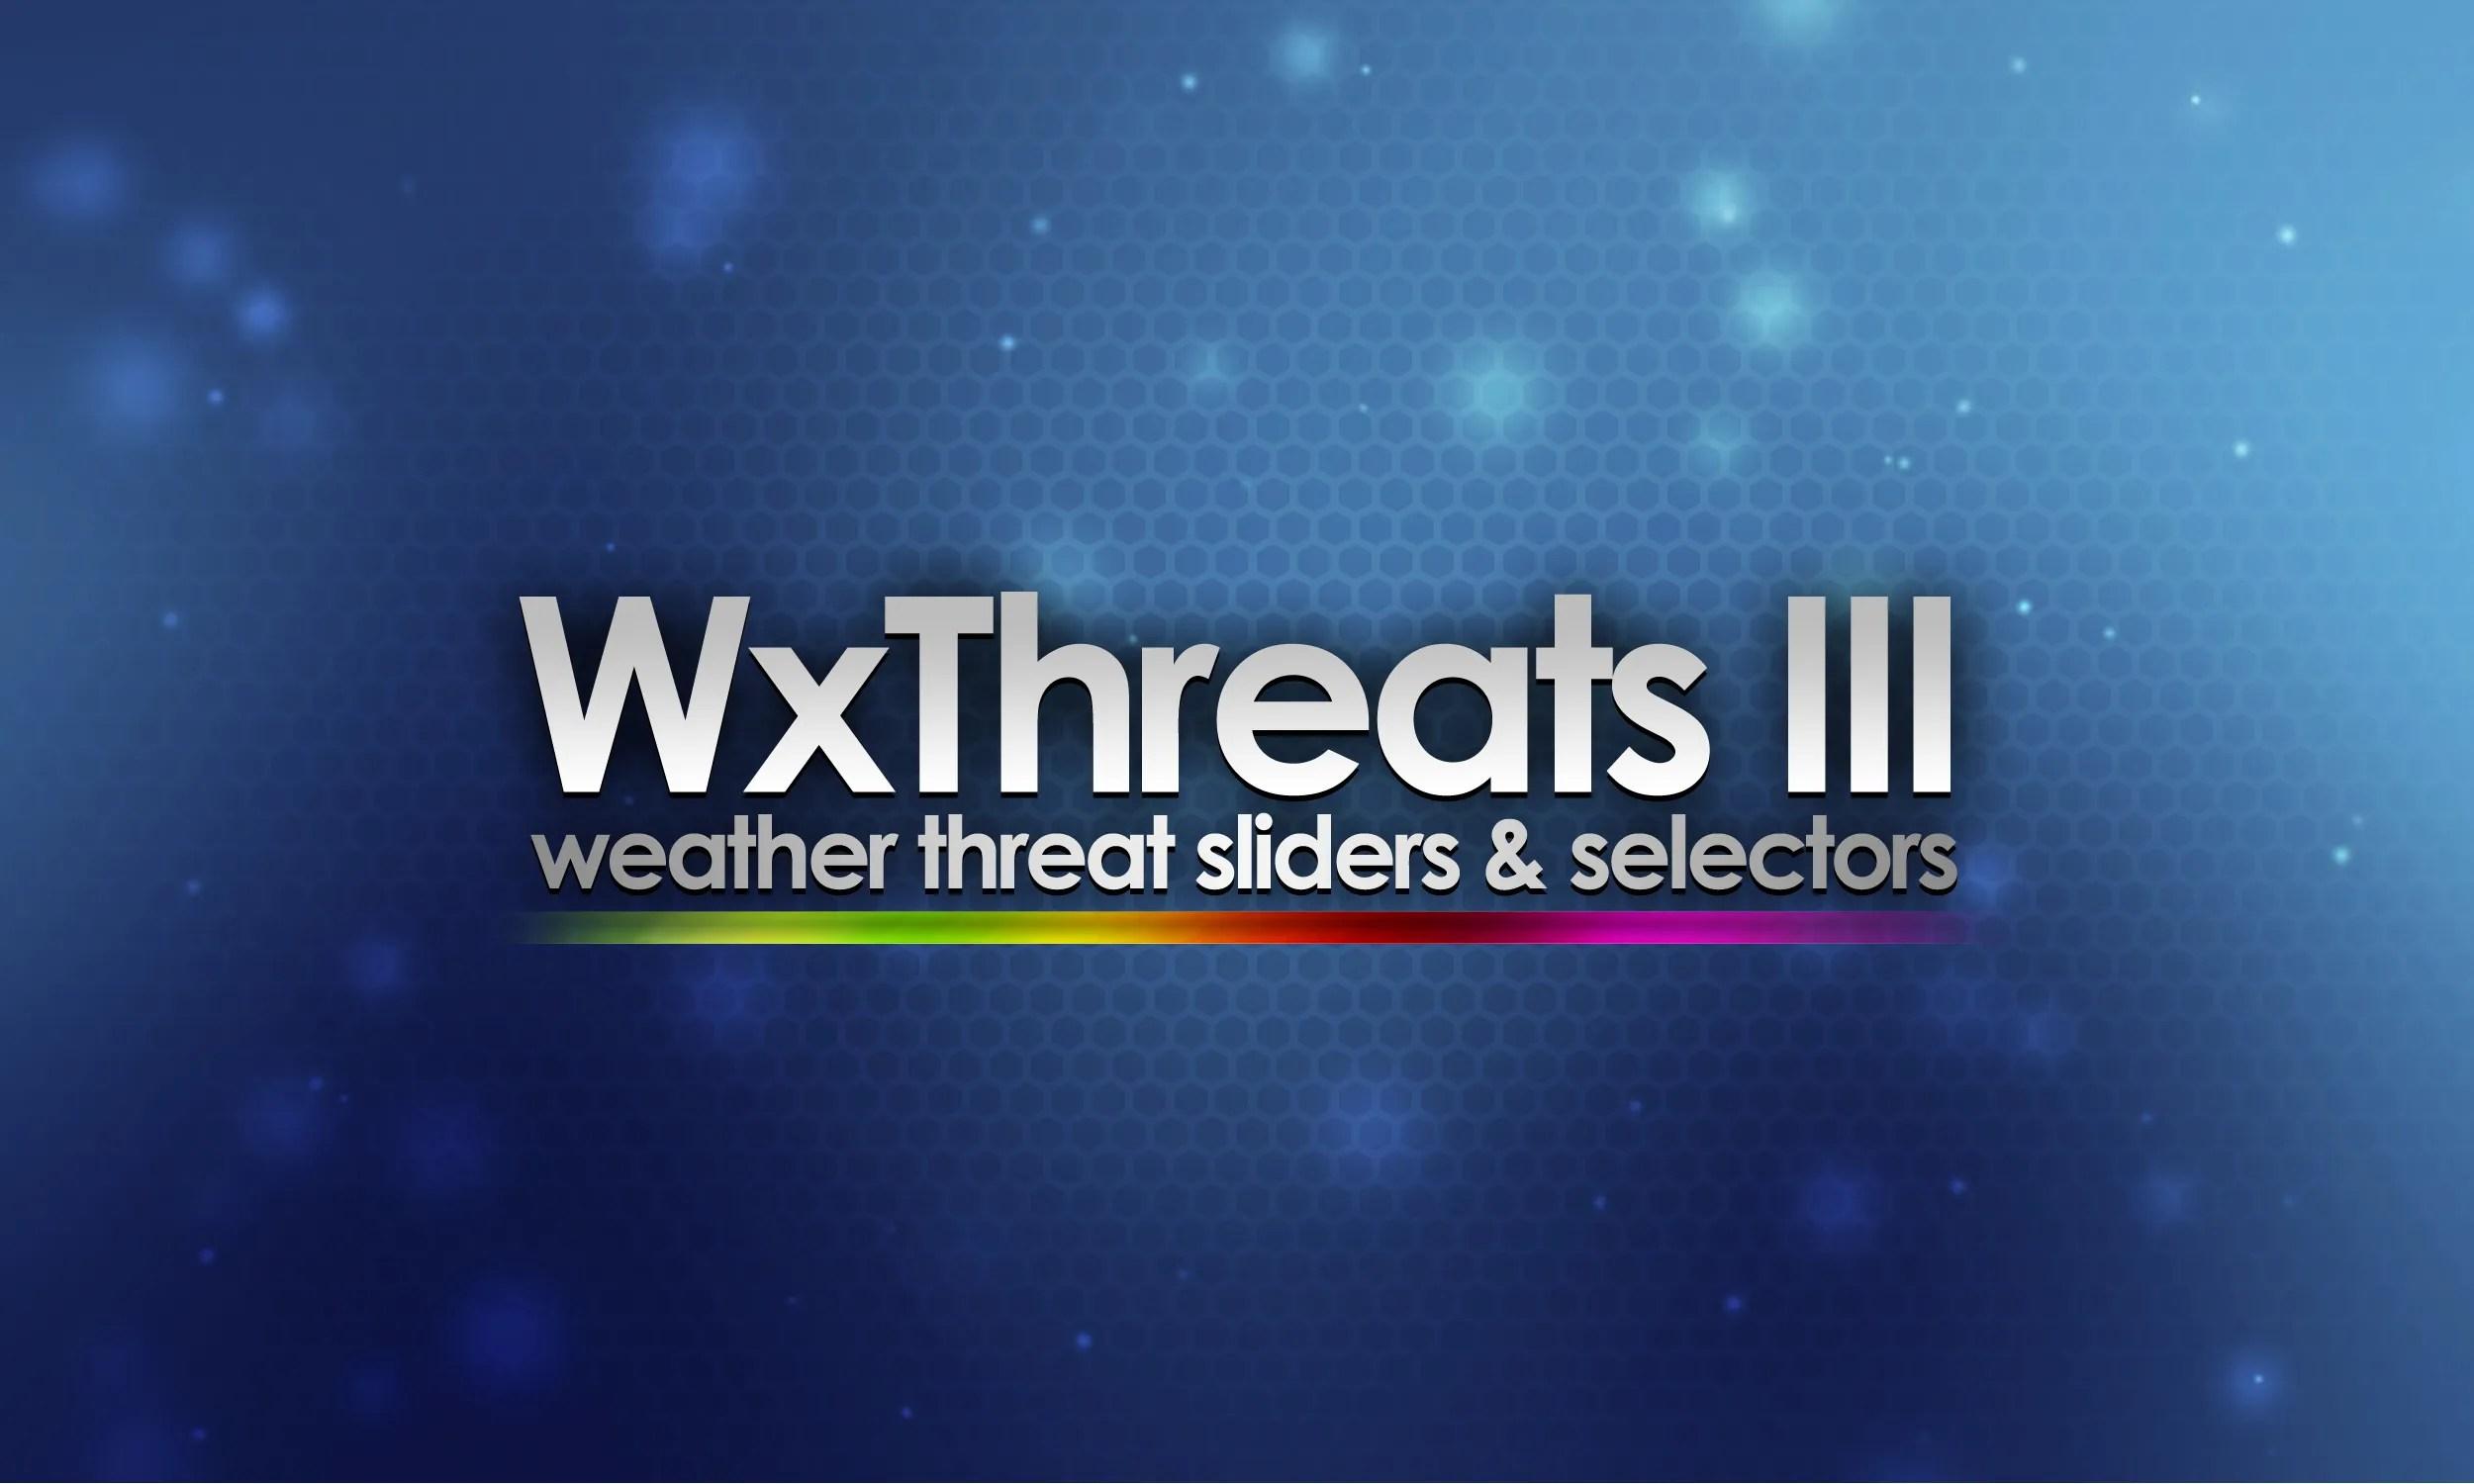 WxThreats III